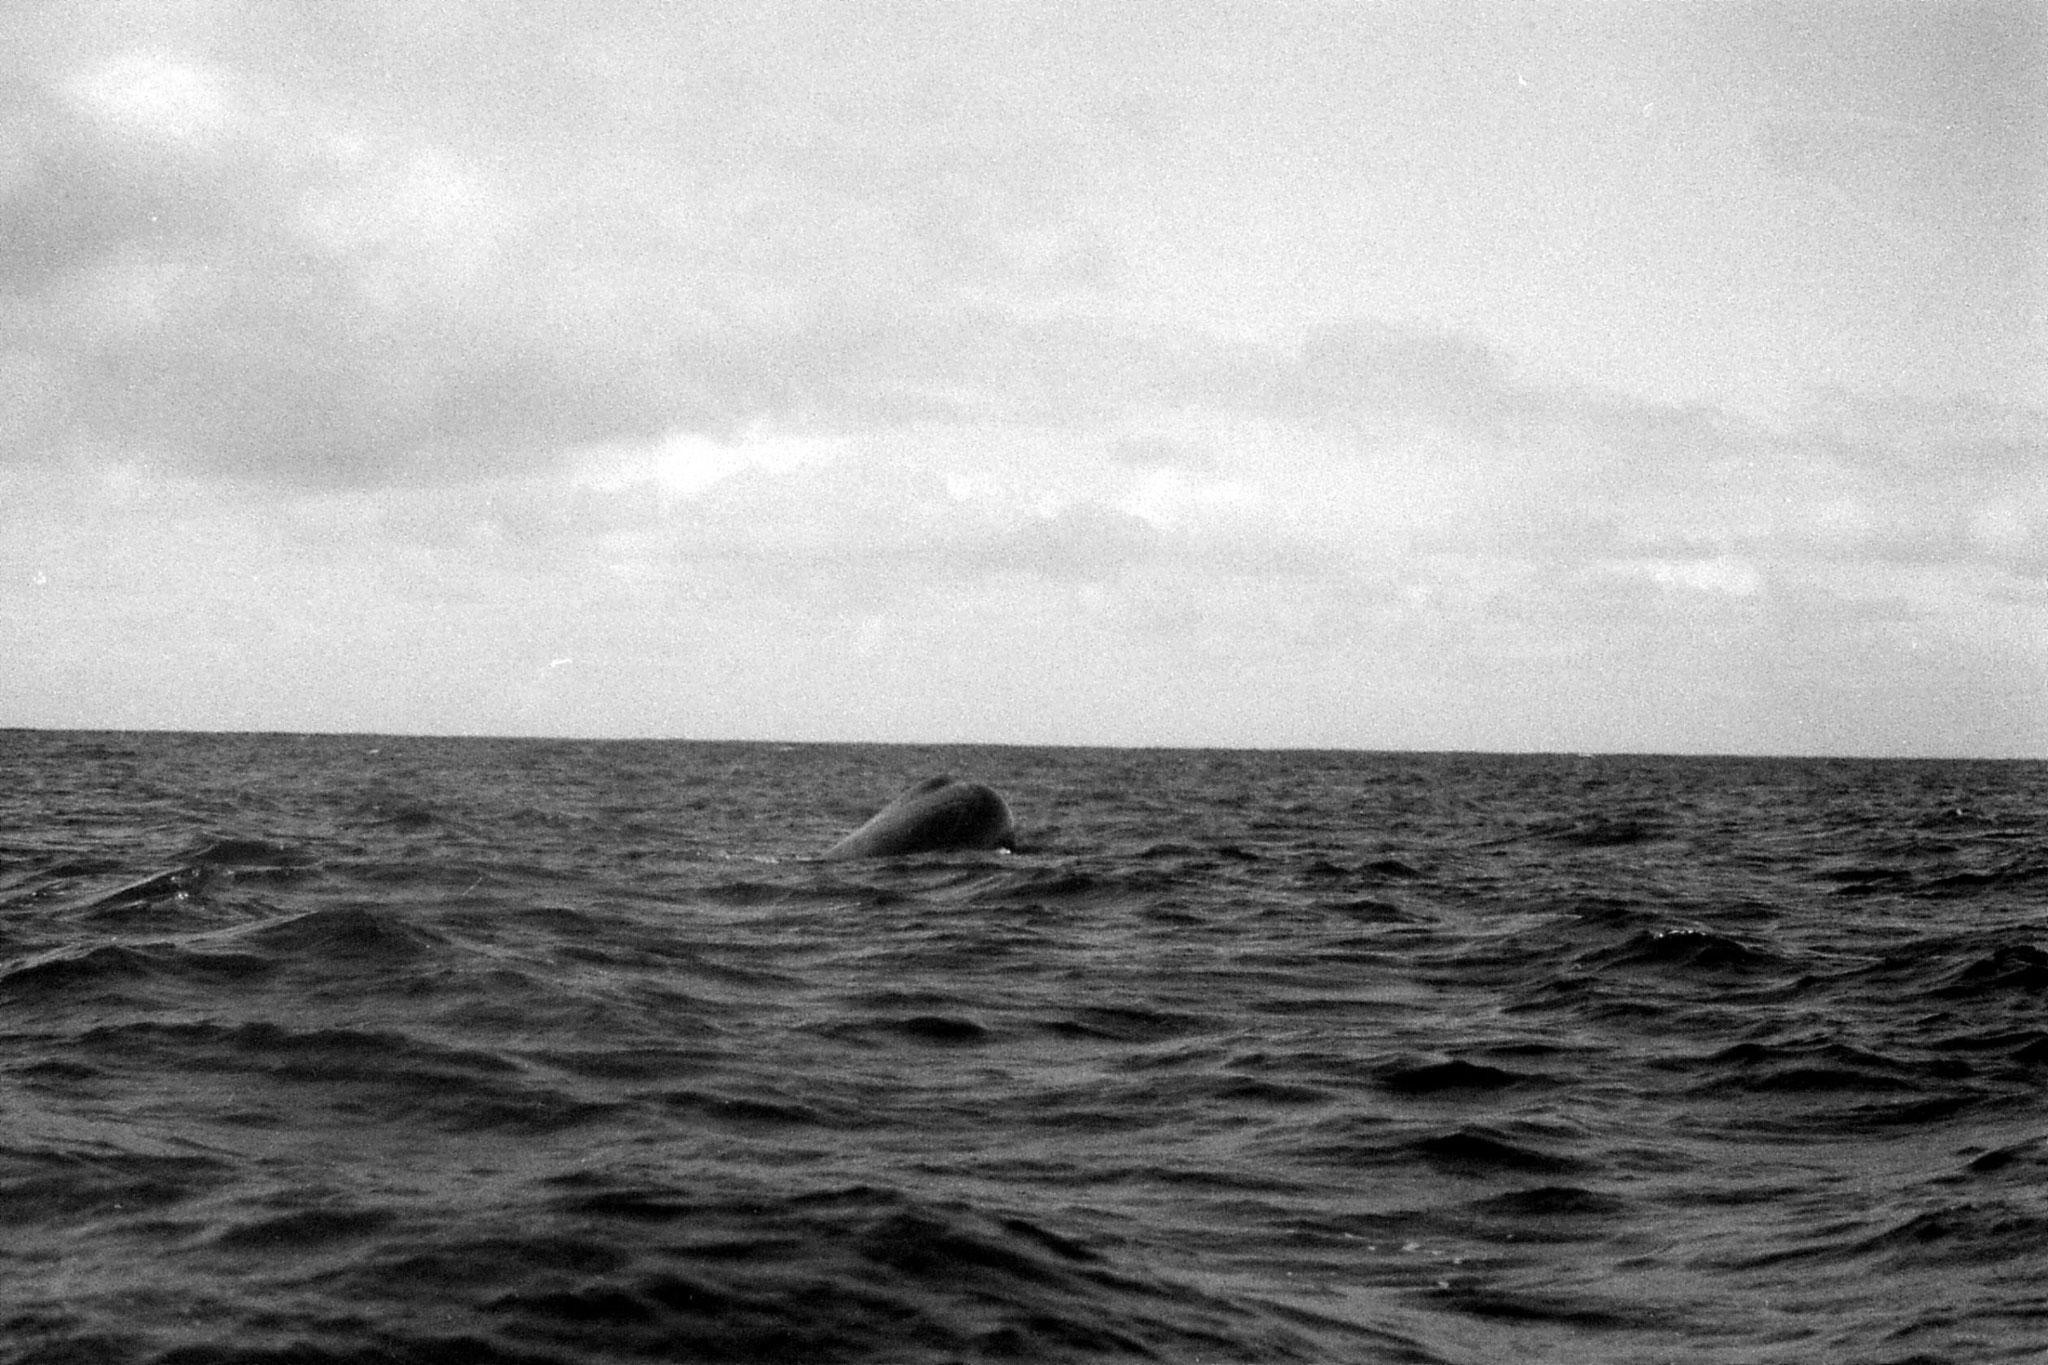 9/8/1990: 19:Kaikoura: sperm whale